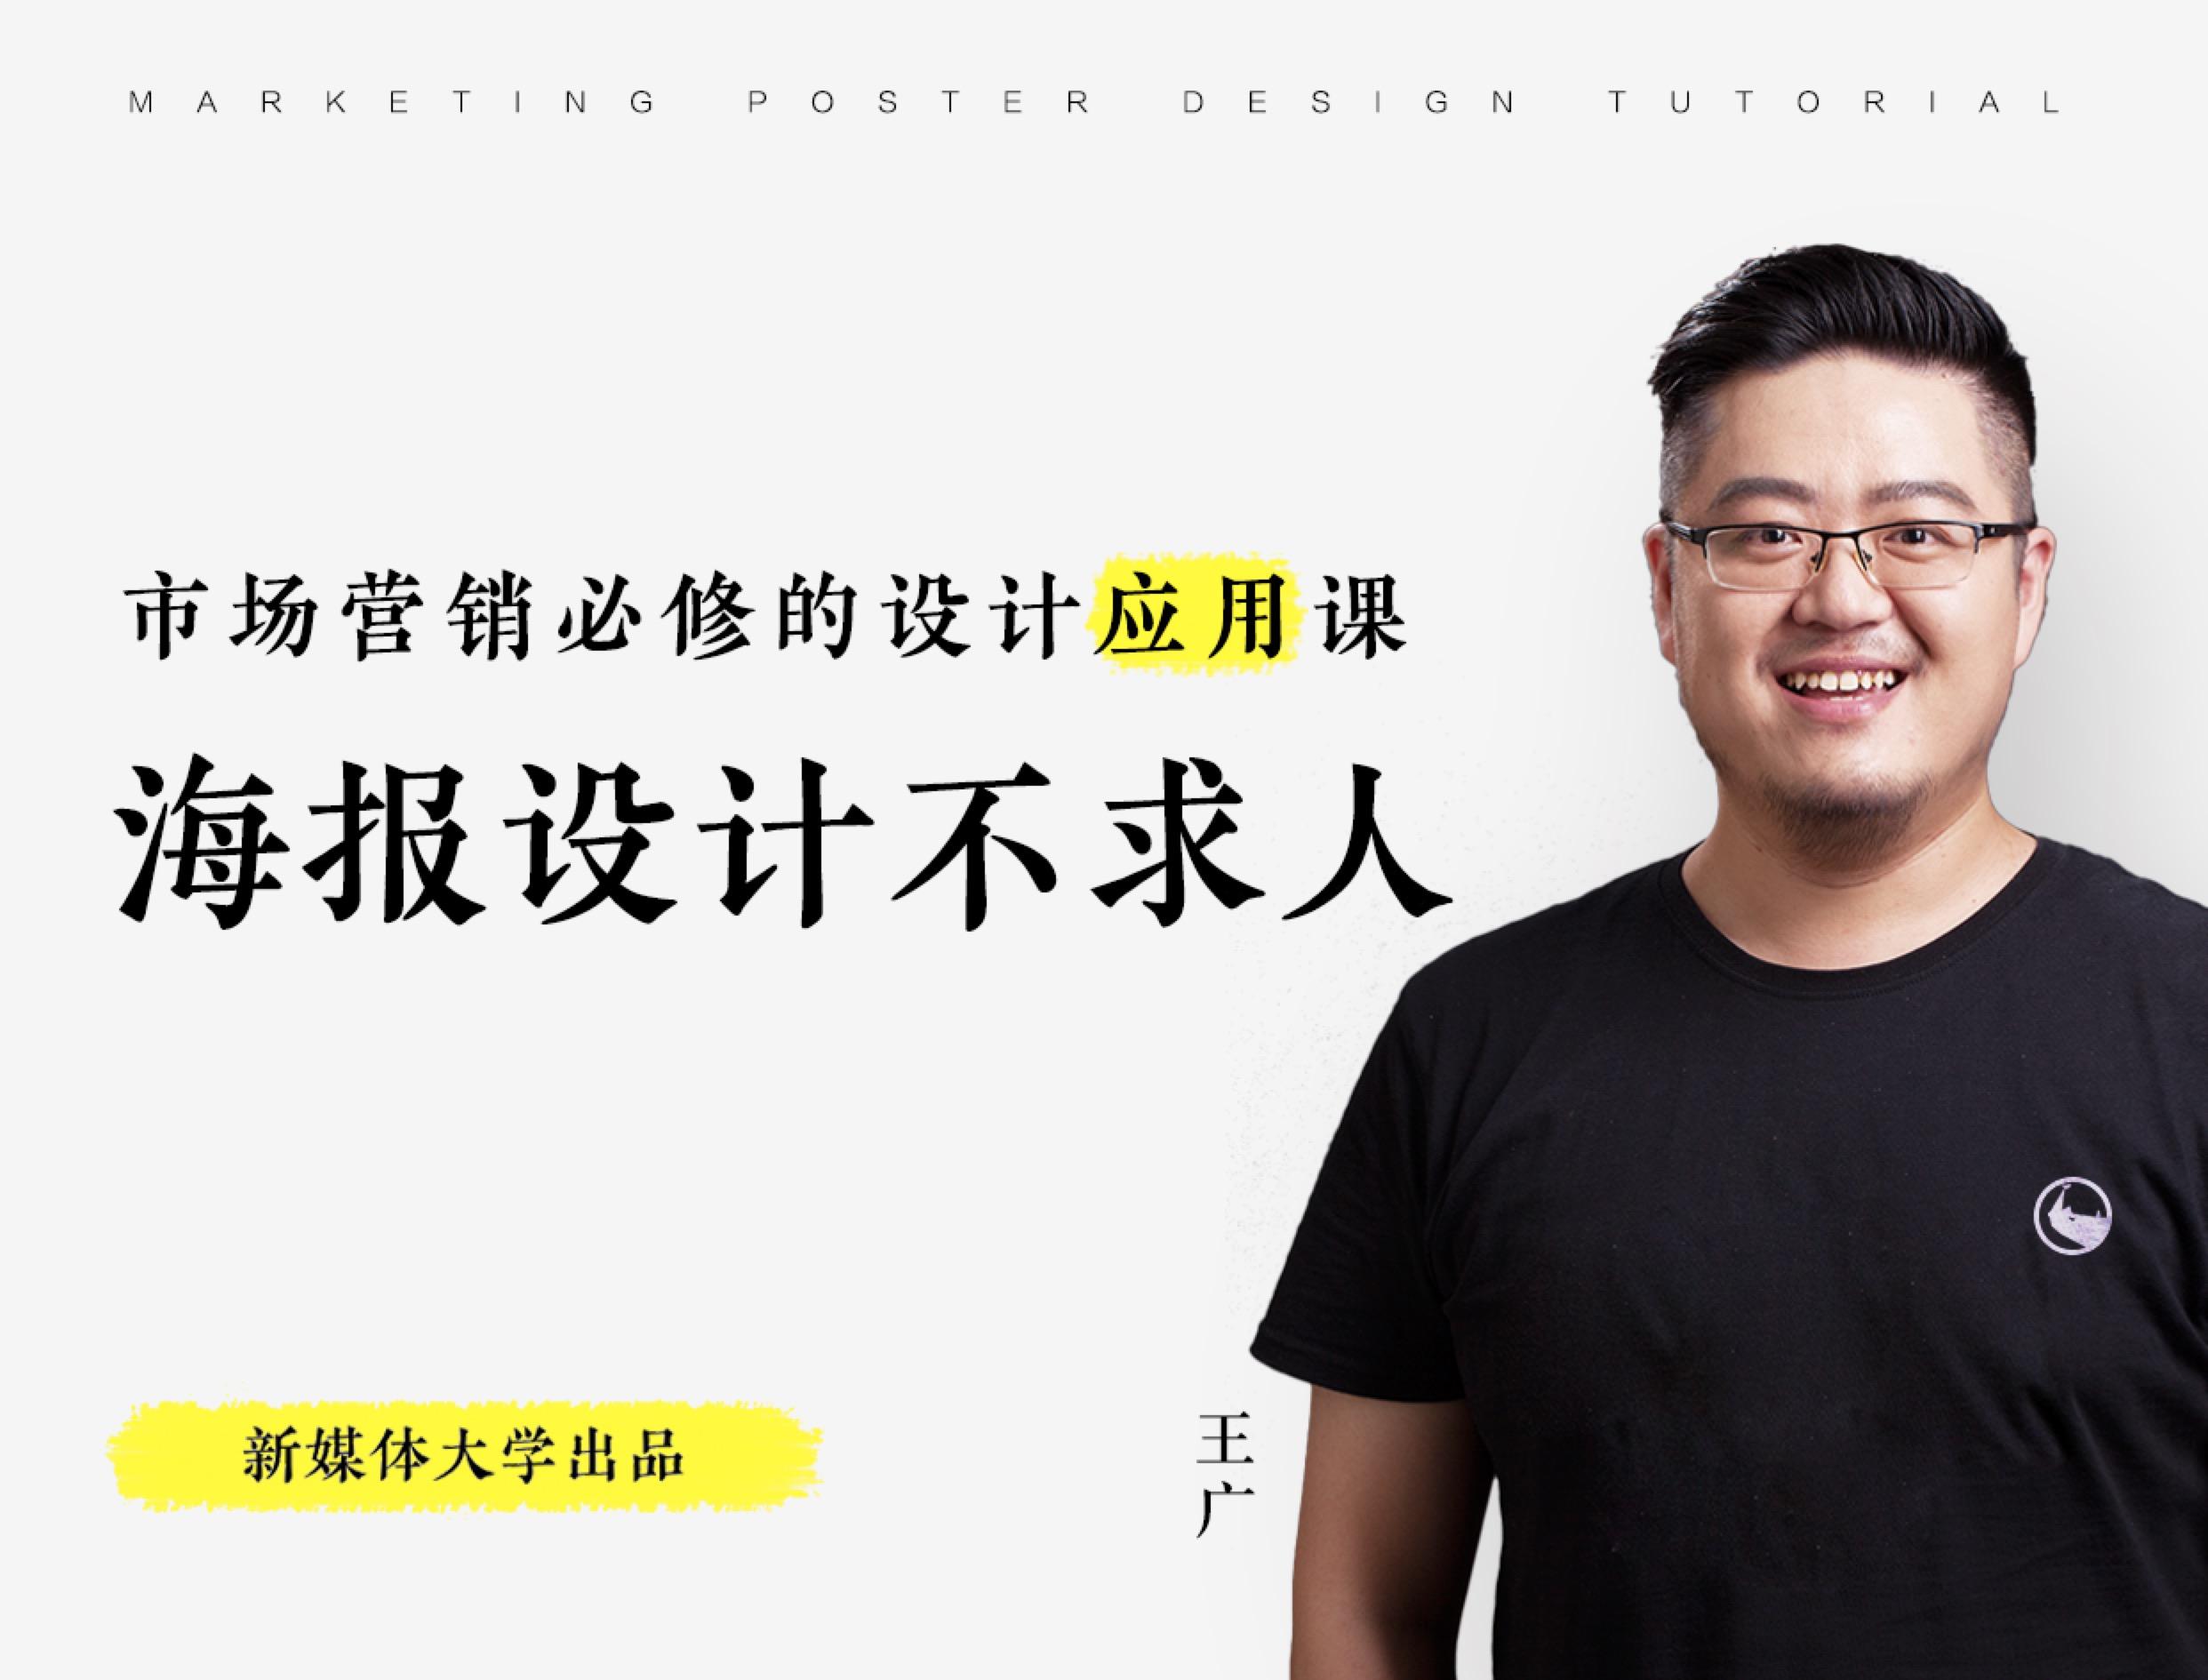 0基础也能做出高大上海报!运营必学设计术,从此再也不求人